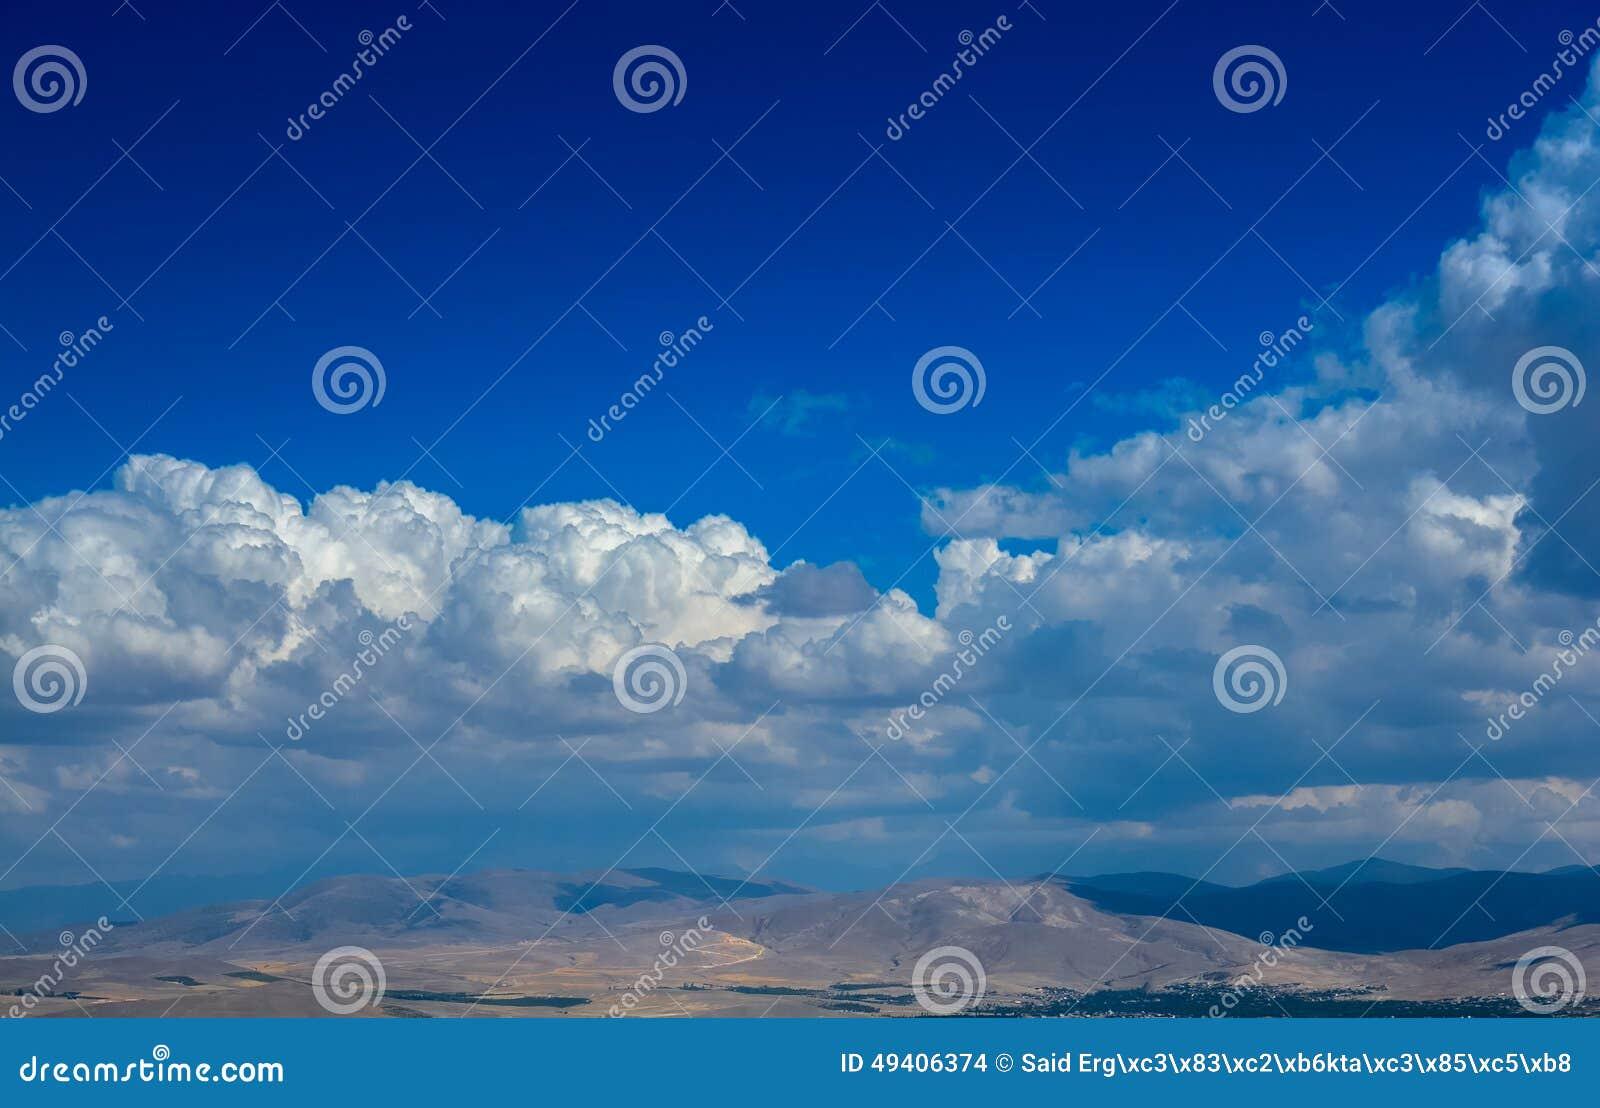 Download Wolken über Bergen stockfoto. Bild von stadt, sauber - 49406374